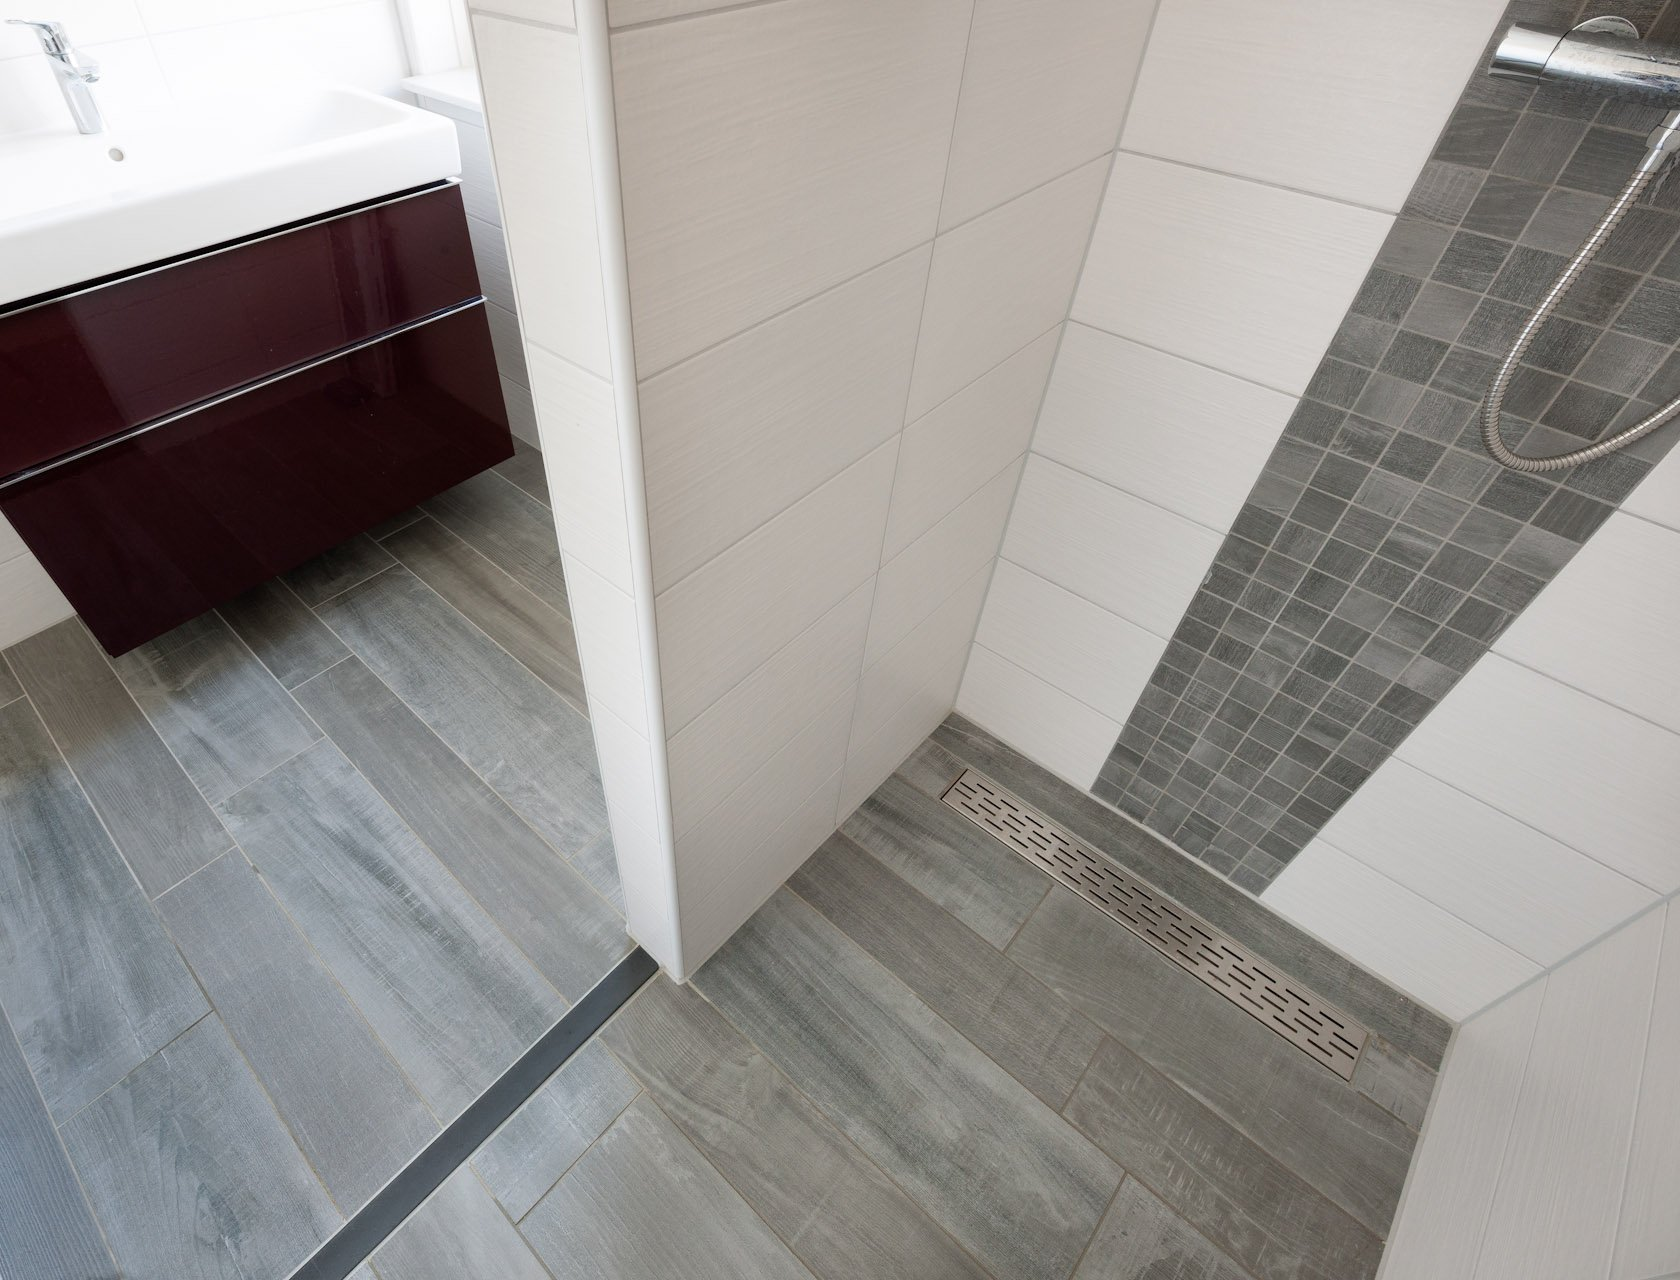 Badkamer Hout Natuursteen : Badkamer hout natuursteen elegant badkamer inspiratie hout in de